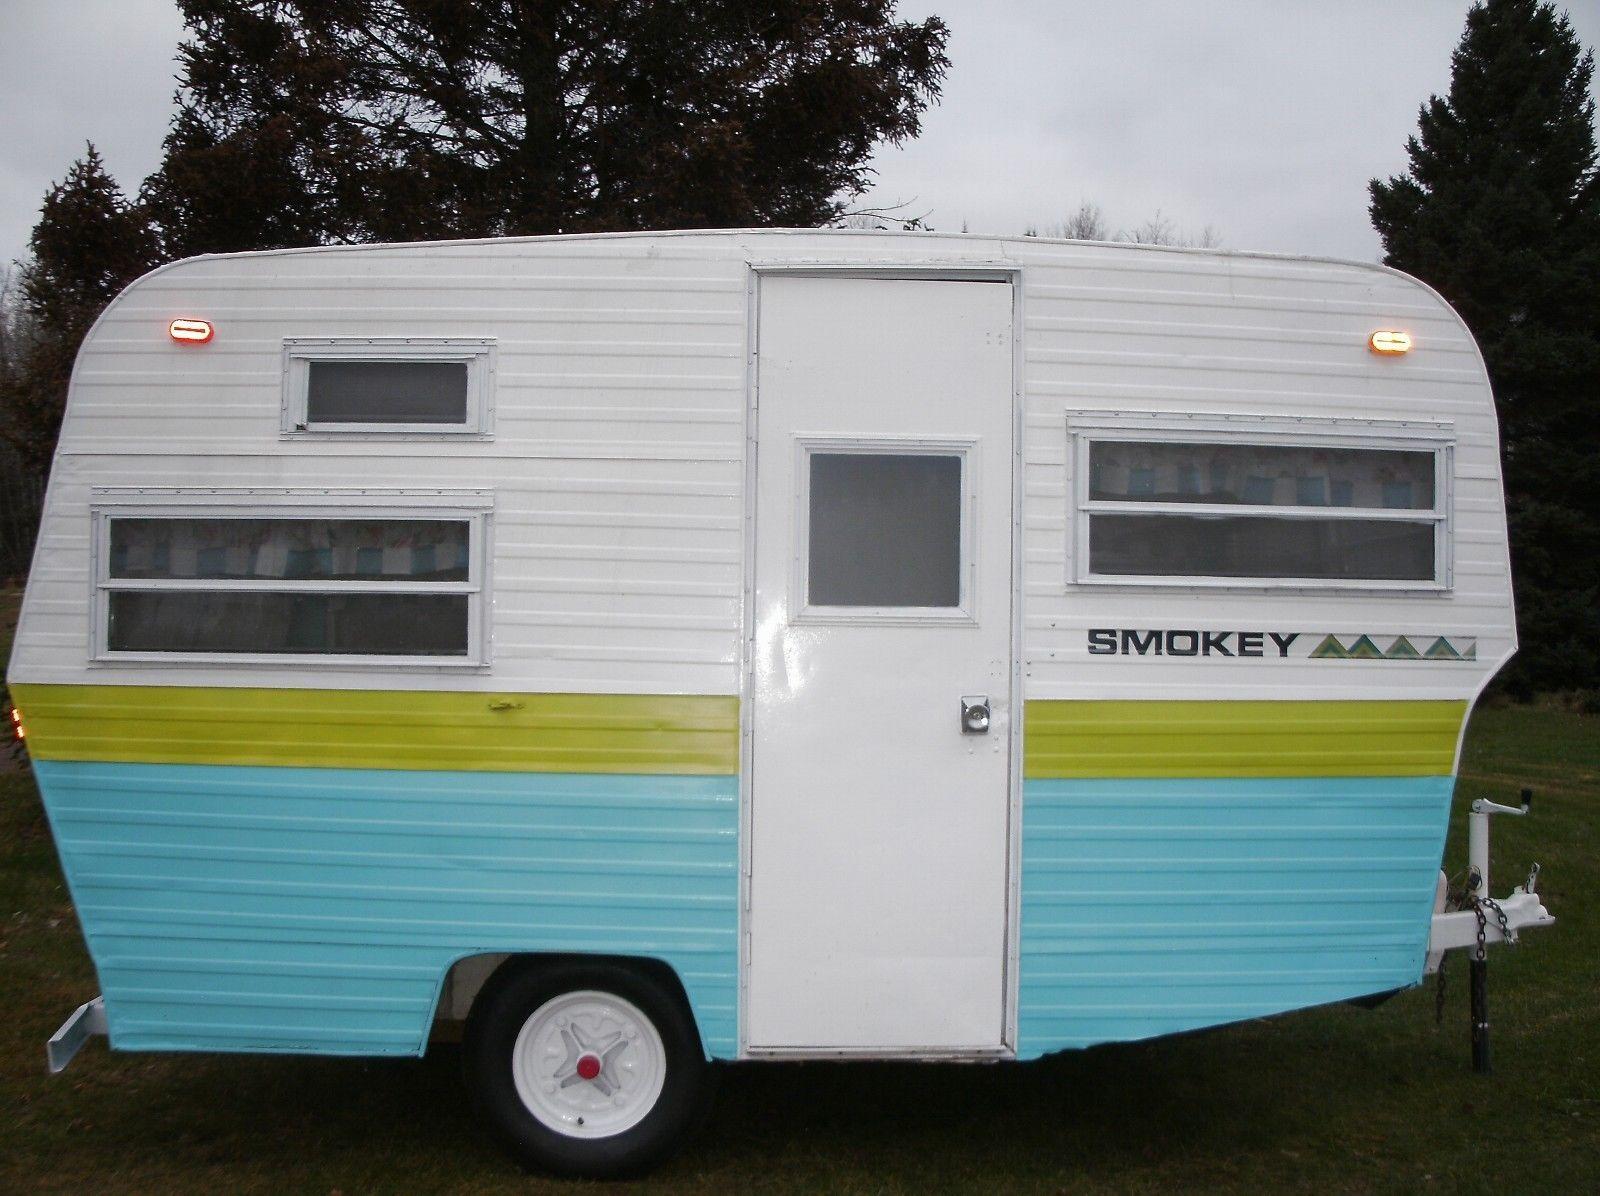 Vintage Trailer Camper Travel